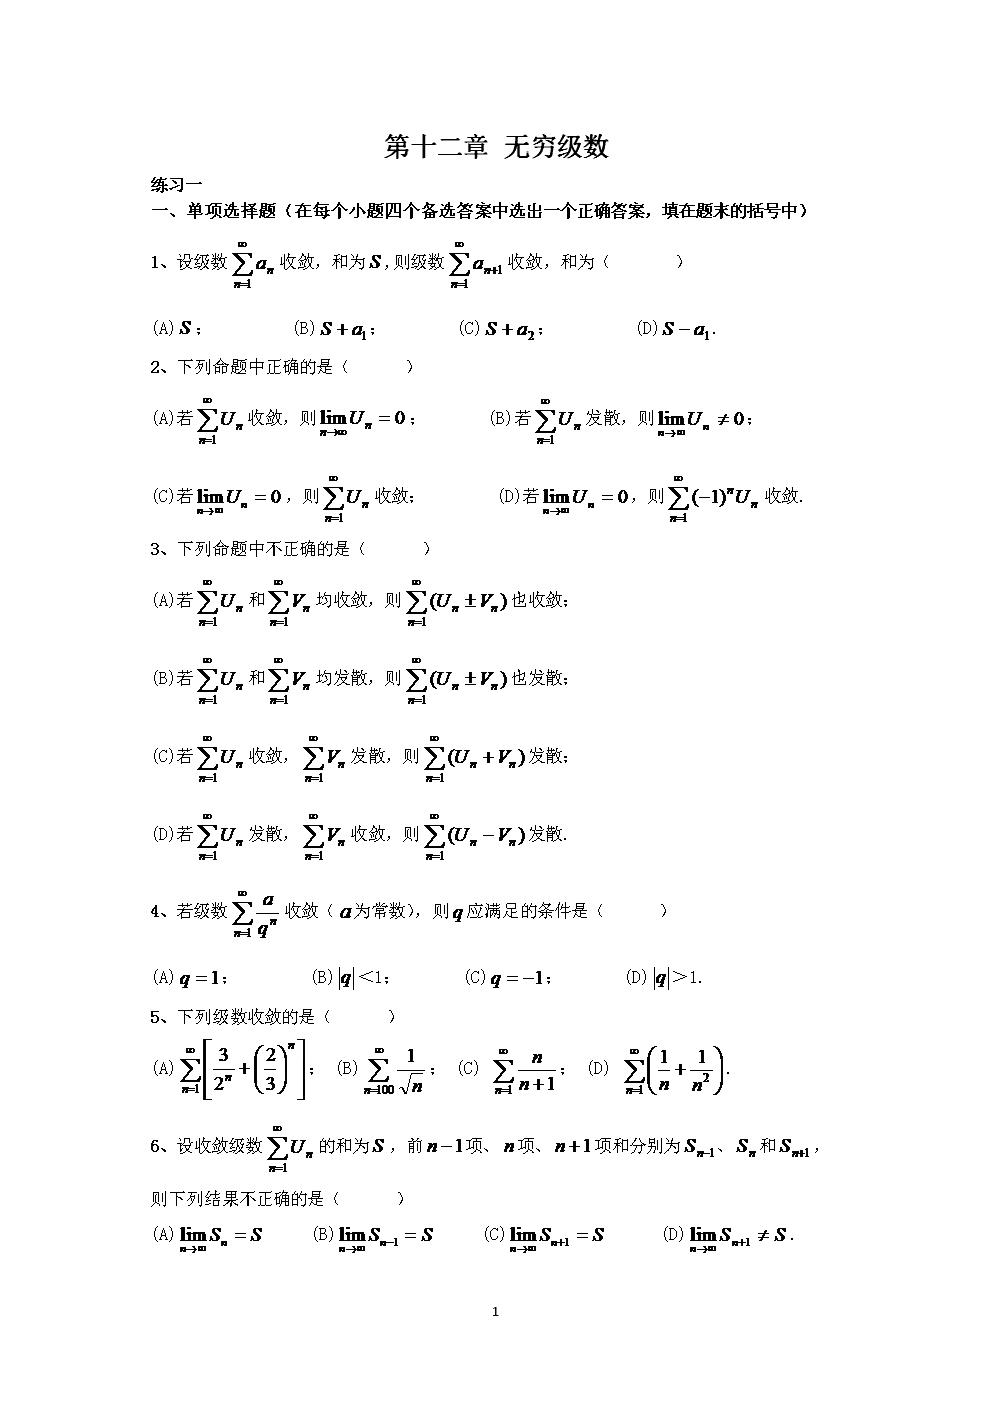 高等数学无穷级数题目.doc